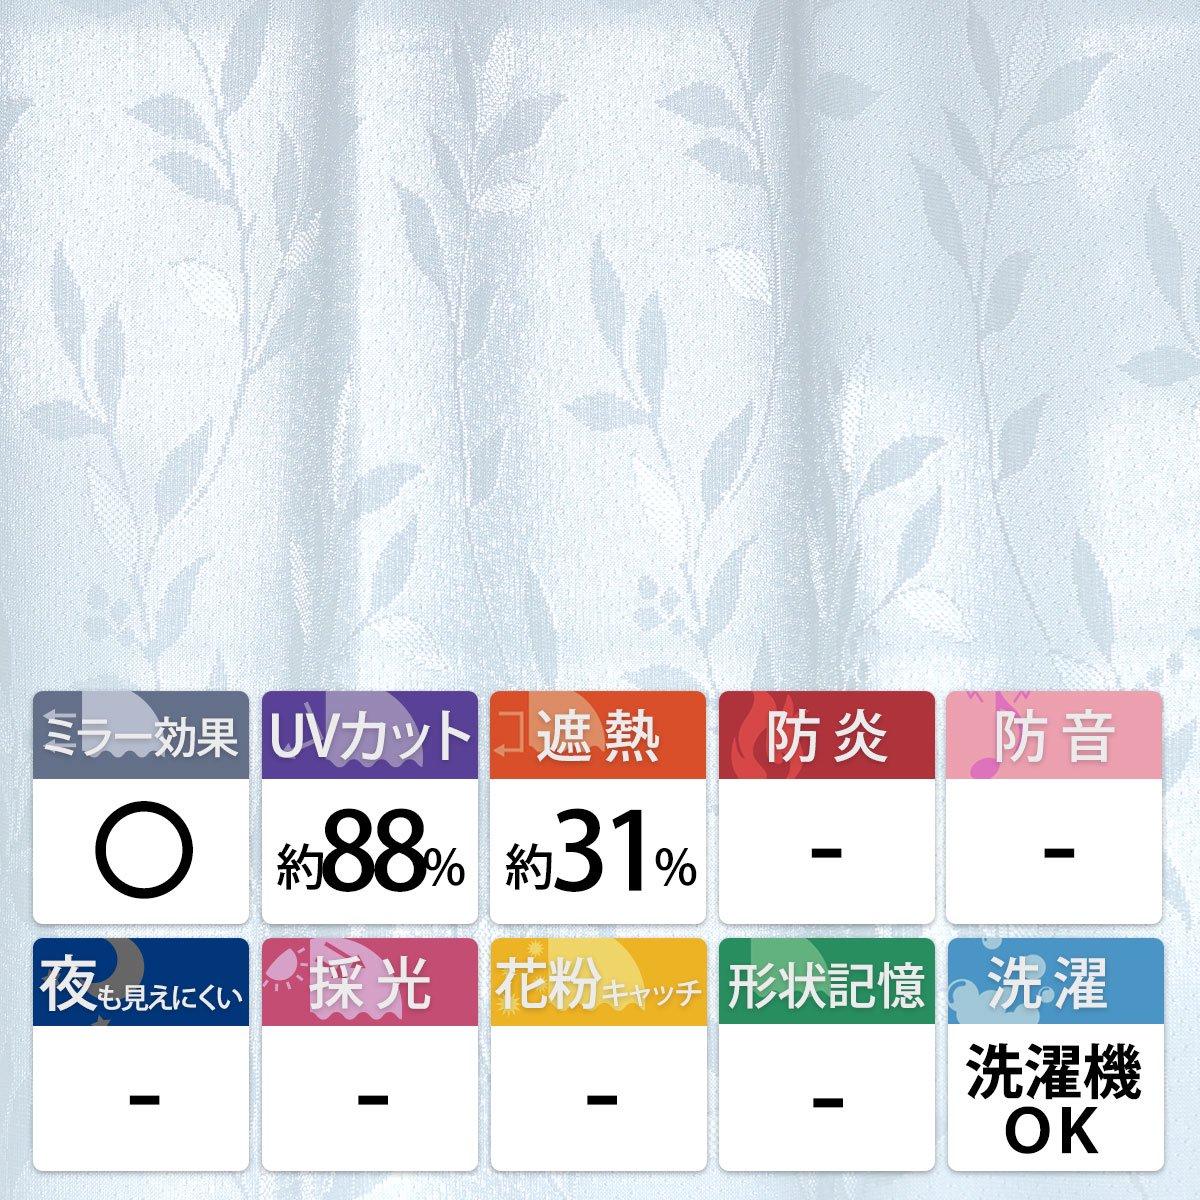 安心の日本製!一年中使える機能充実のレースカーテン『リリーフ』